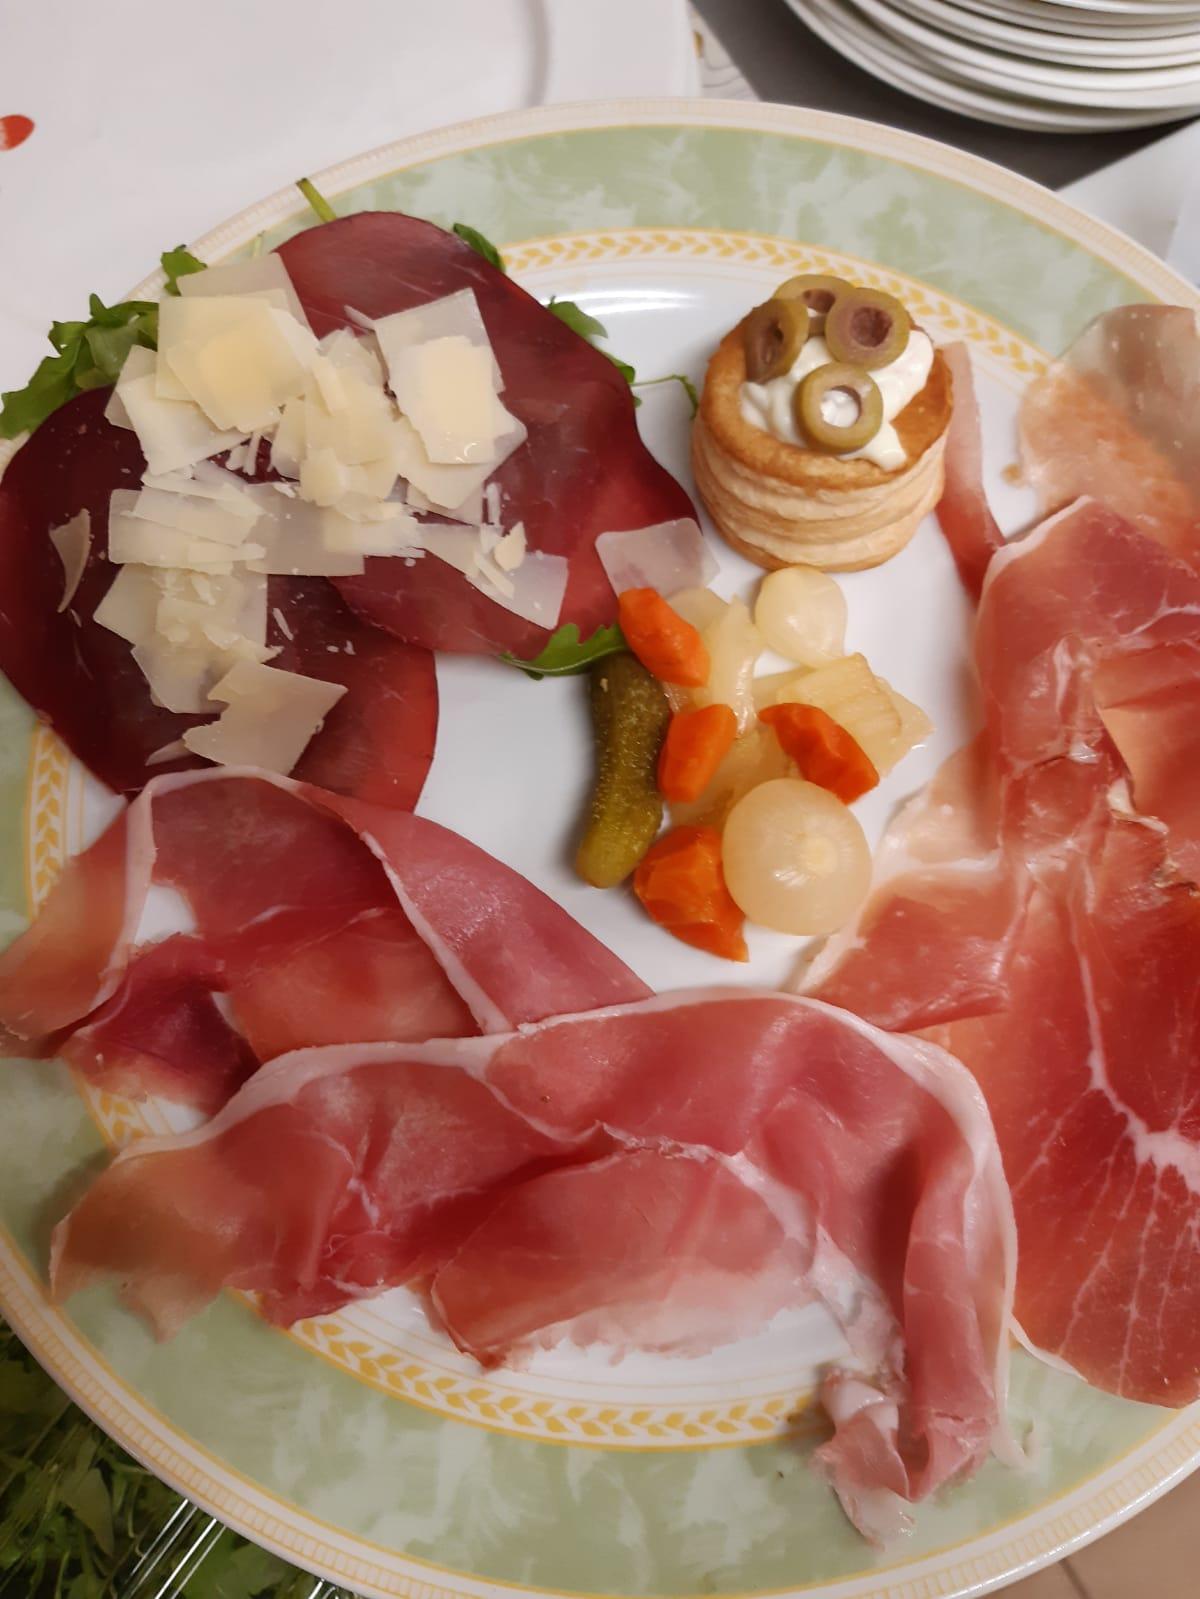 Antipasto di Carne - Vol-au-vent ripieni di Insalata Russa Crudo di Parma, Speck e Bresaola